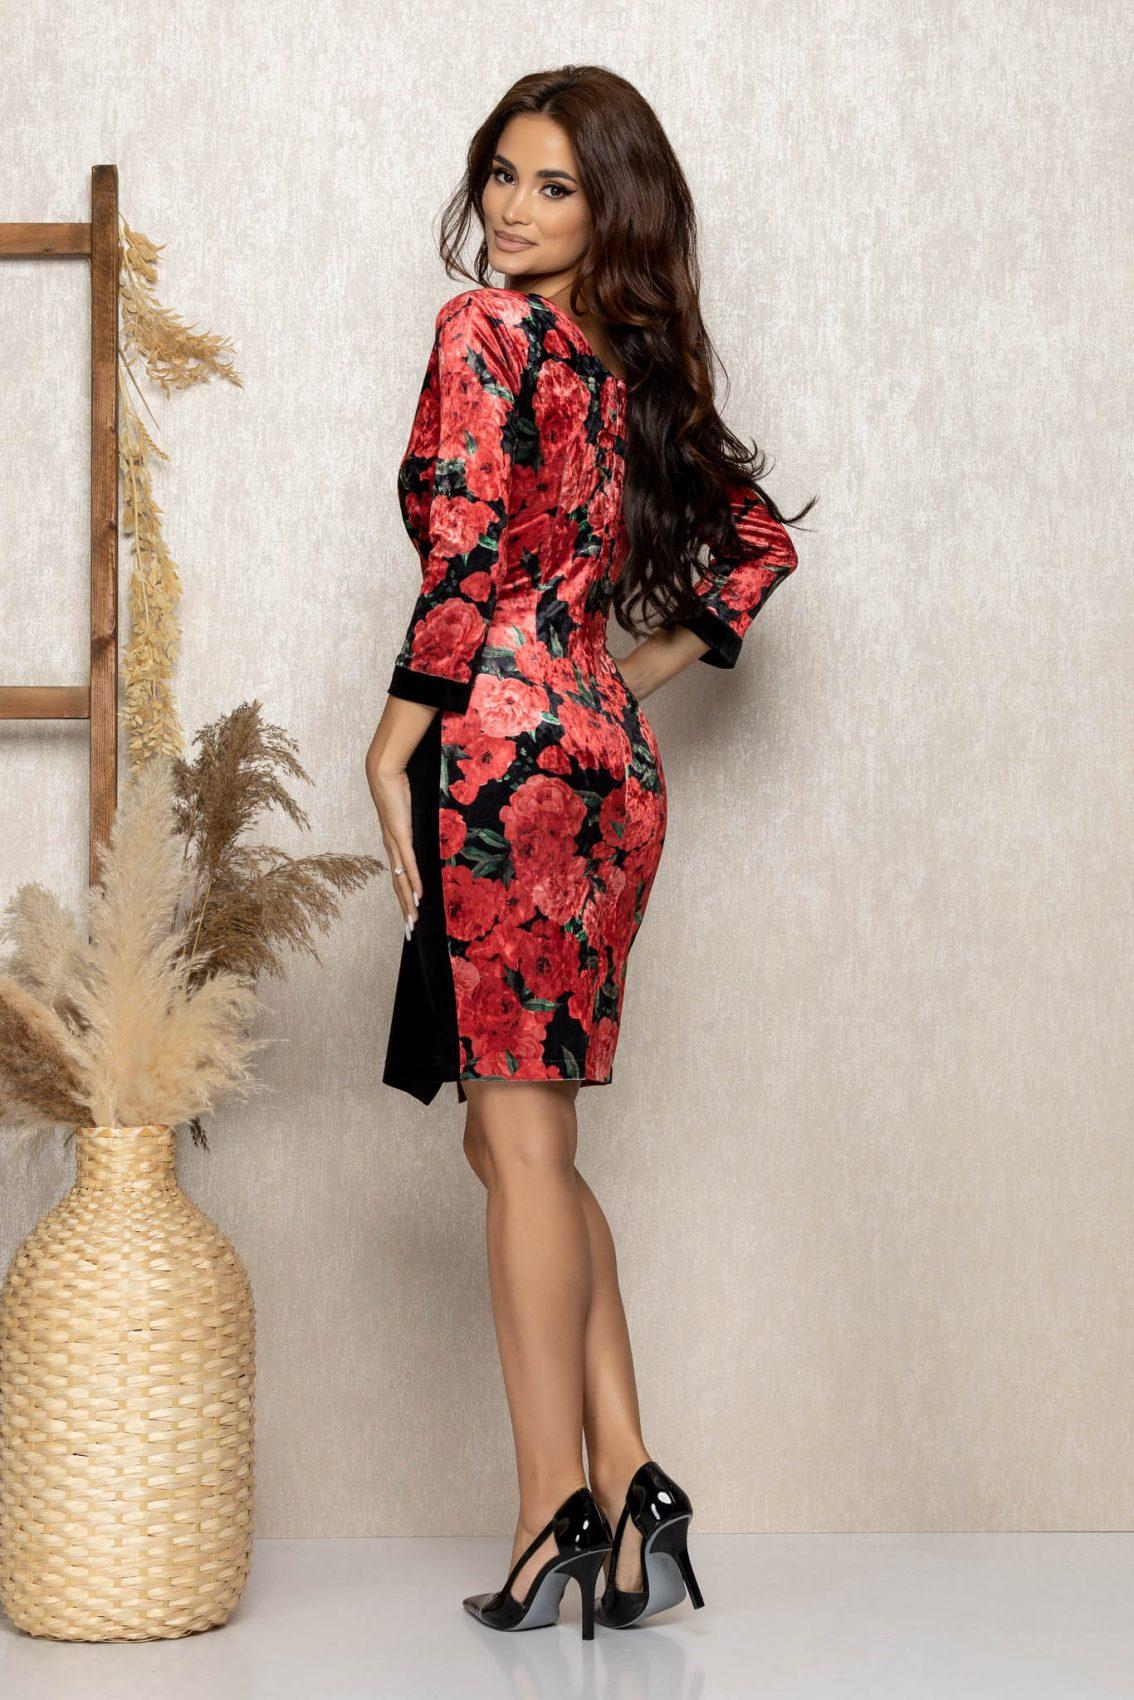 Κόκκινο Κρουαζέ Φλοράλ Φόρεμα Από Βελούδο Amira T295 2